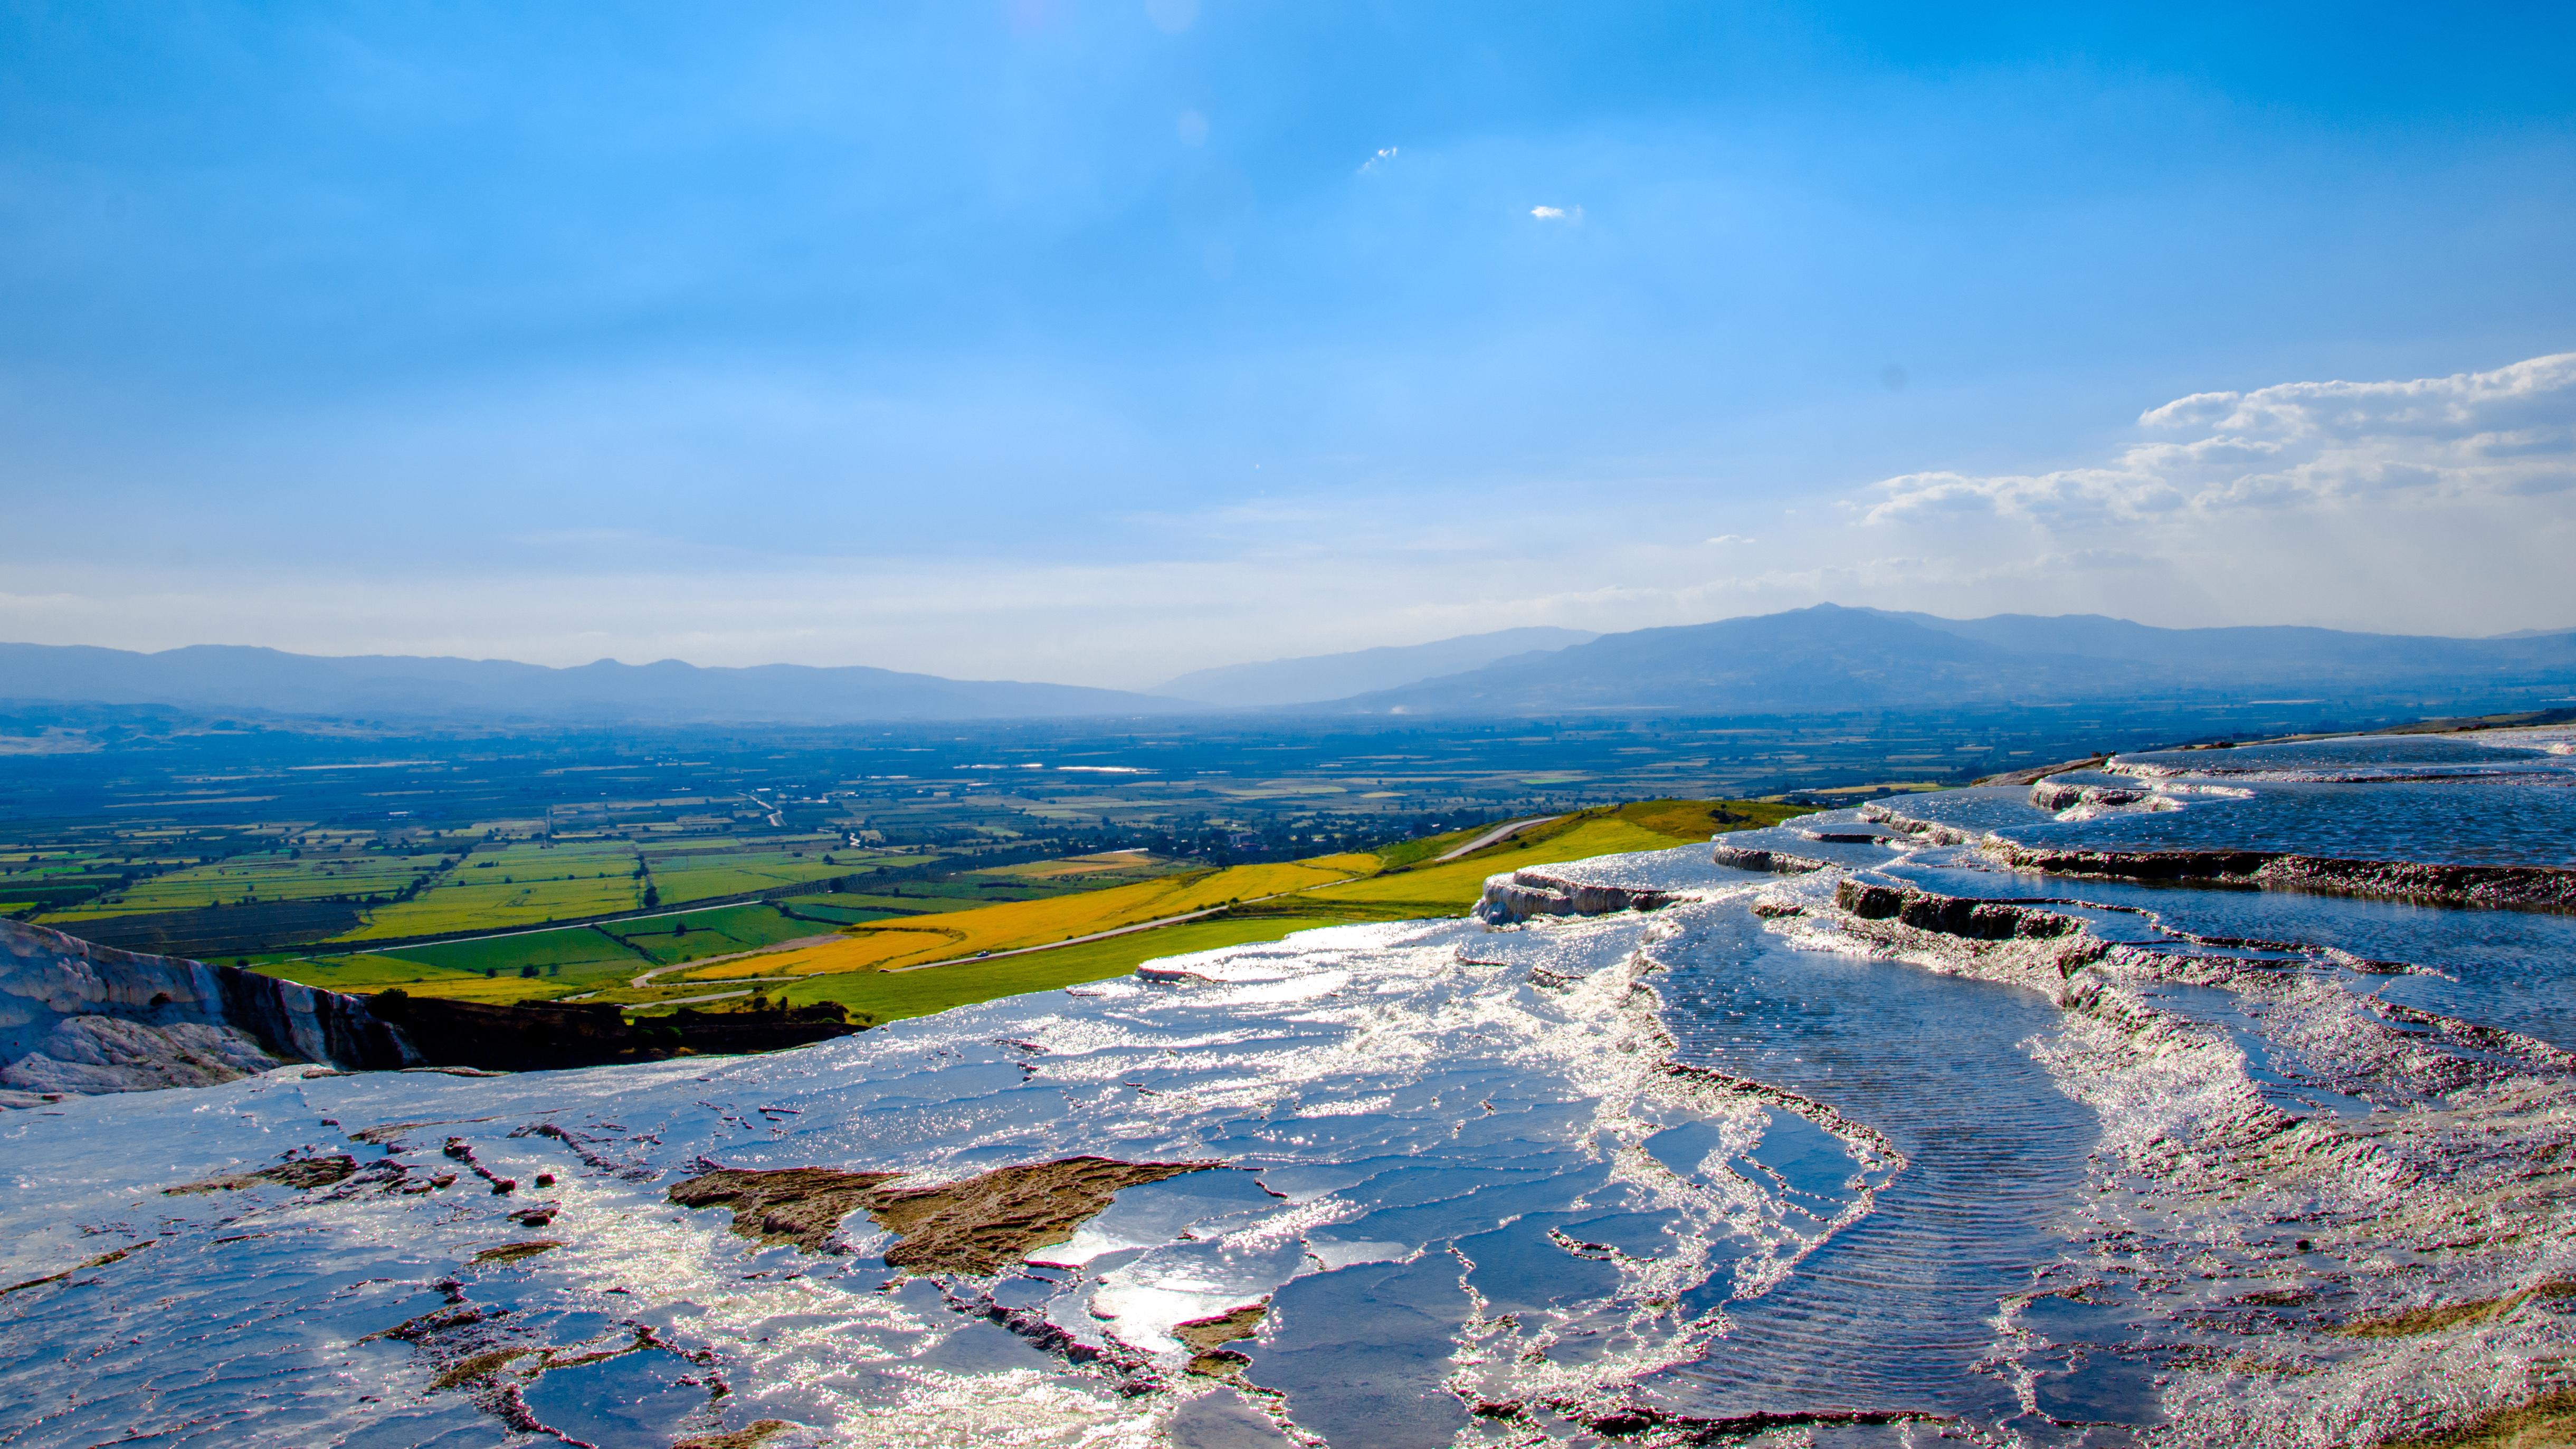 【土耳其景點】土耳其不去會後悔的10大必遊景點